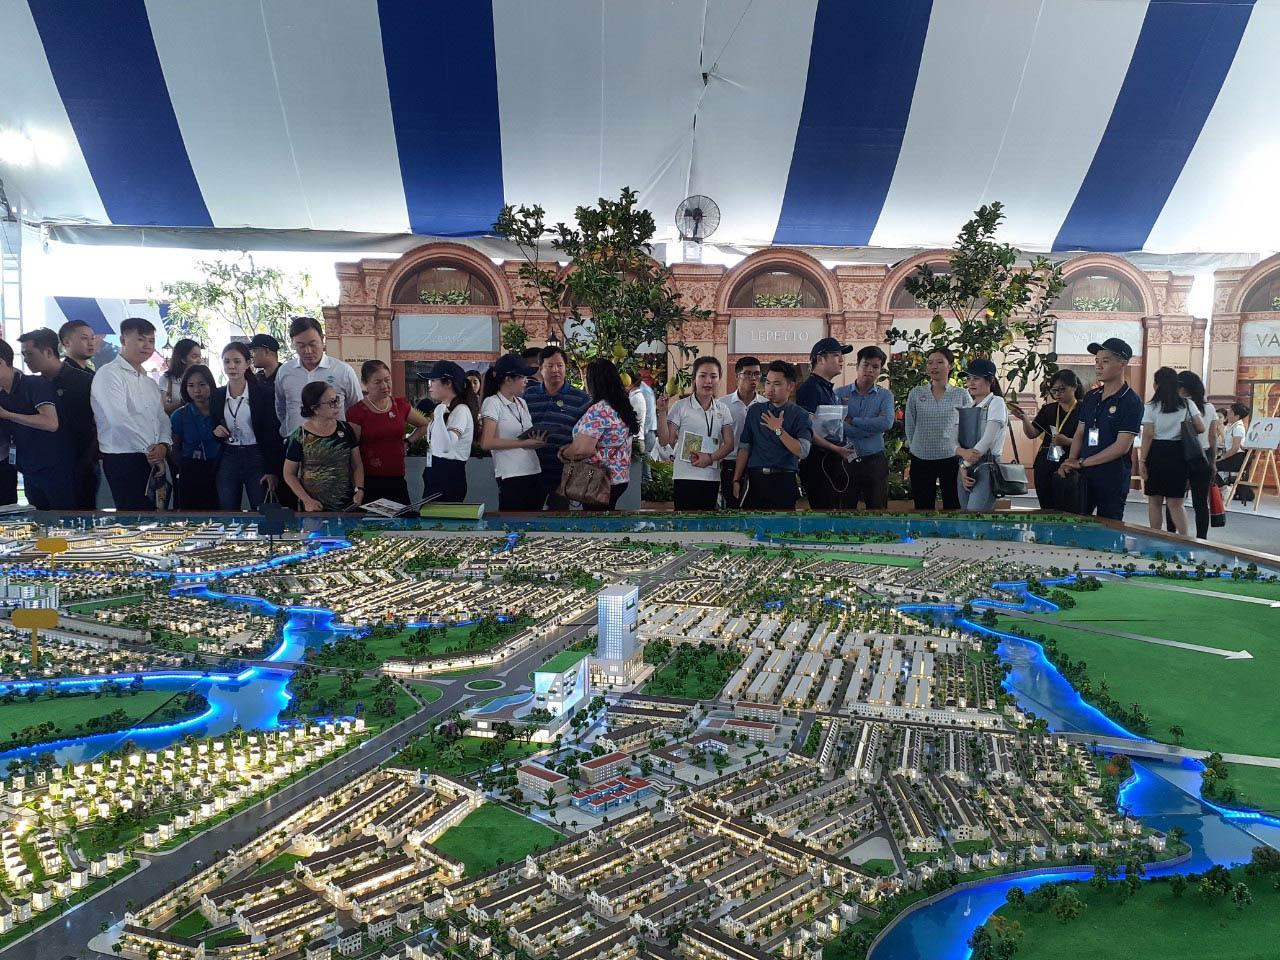 , 4 xu hướng chính của thị trường bất động sản năm 2020, Đơn vị phân phối và phát triển Bất động sản | An Tường Real, Đơn vị phân phối và phát triển Bất động sản | An Tường Real